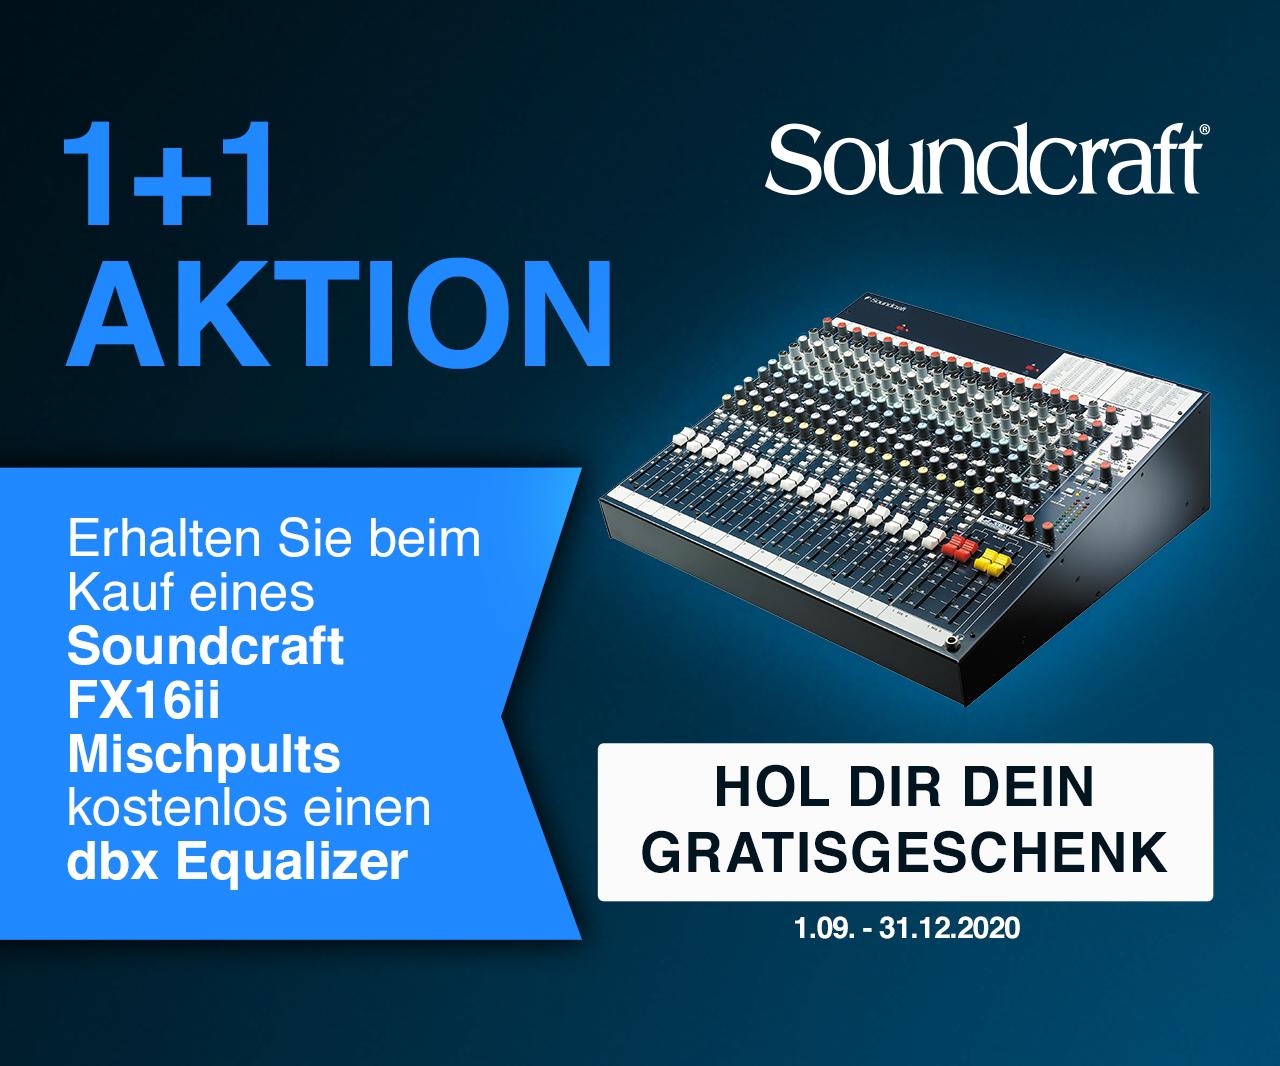 Soundcraft FX16 II + dbx